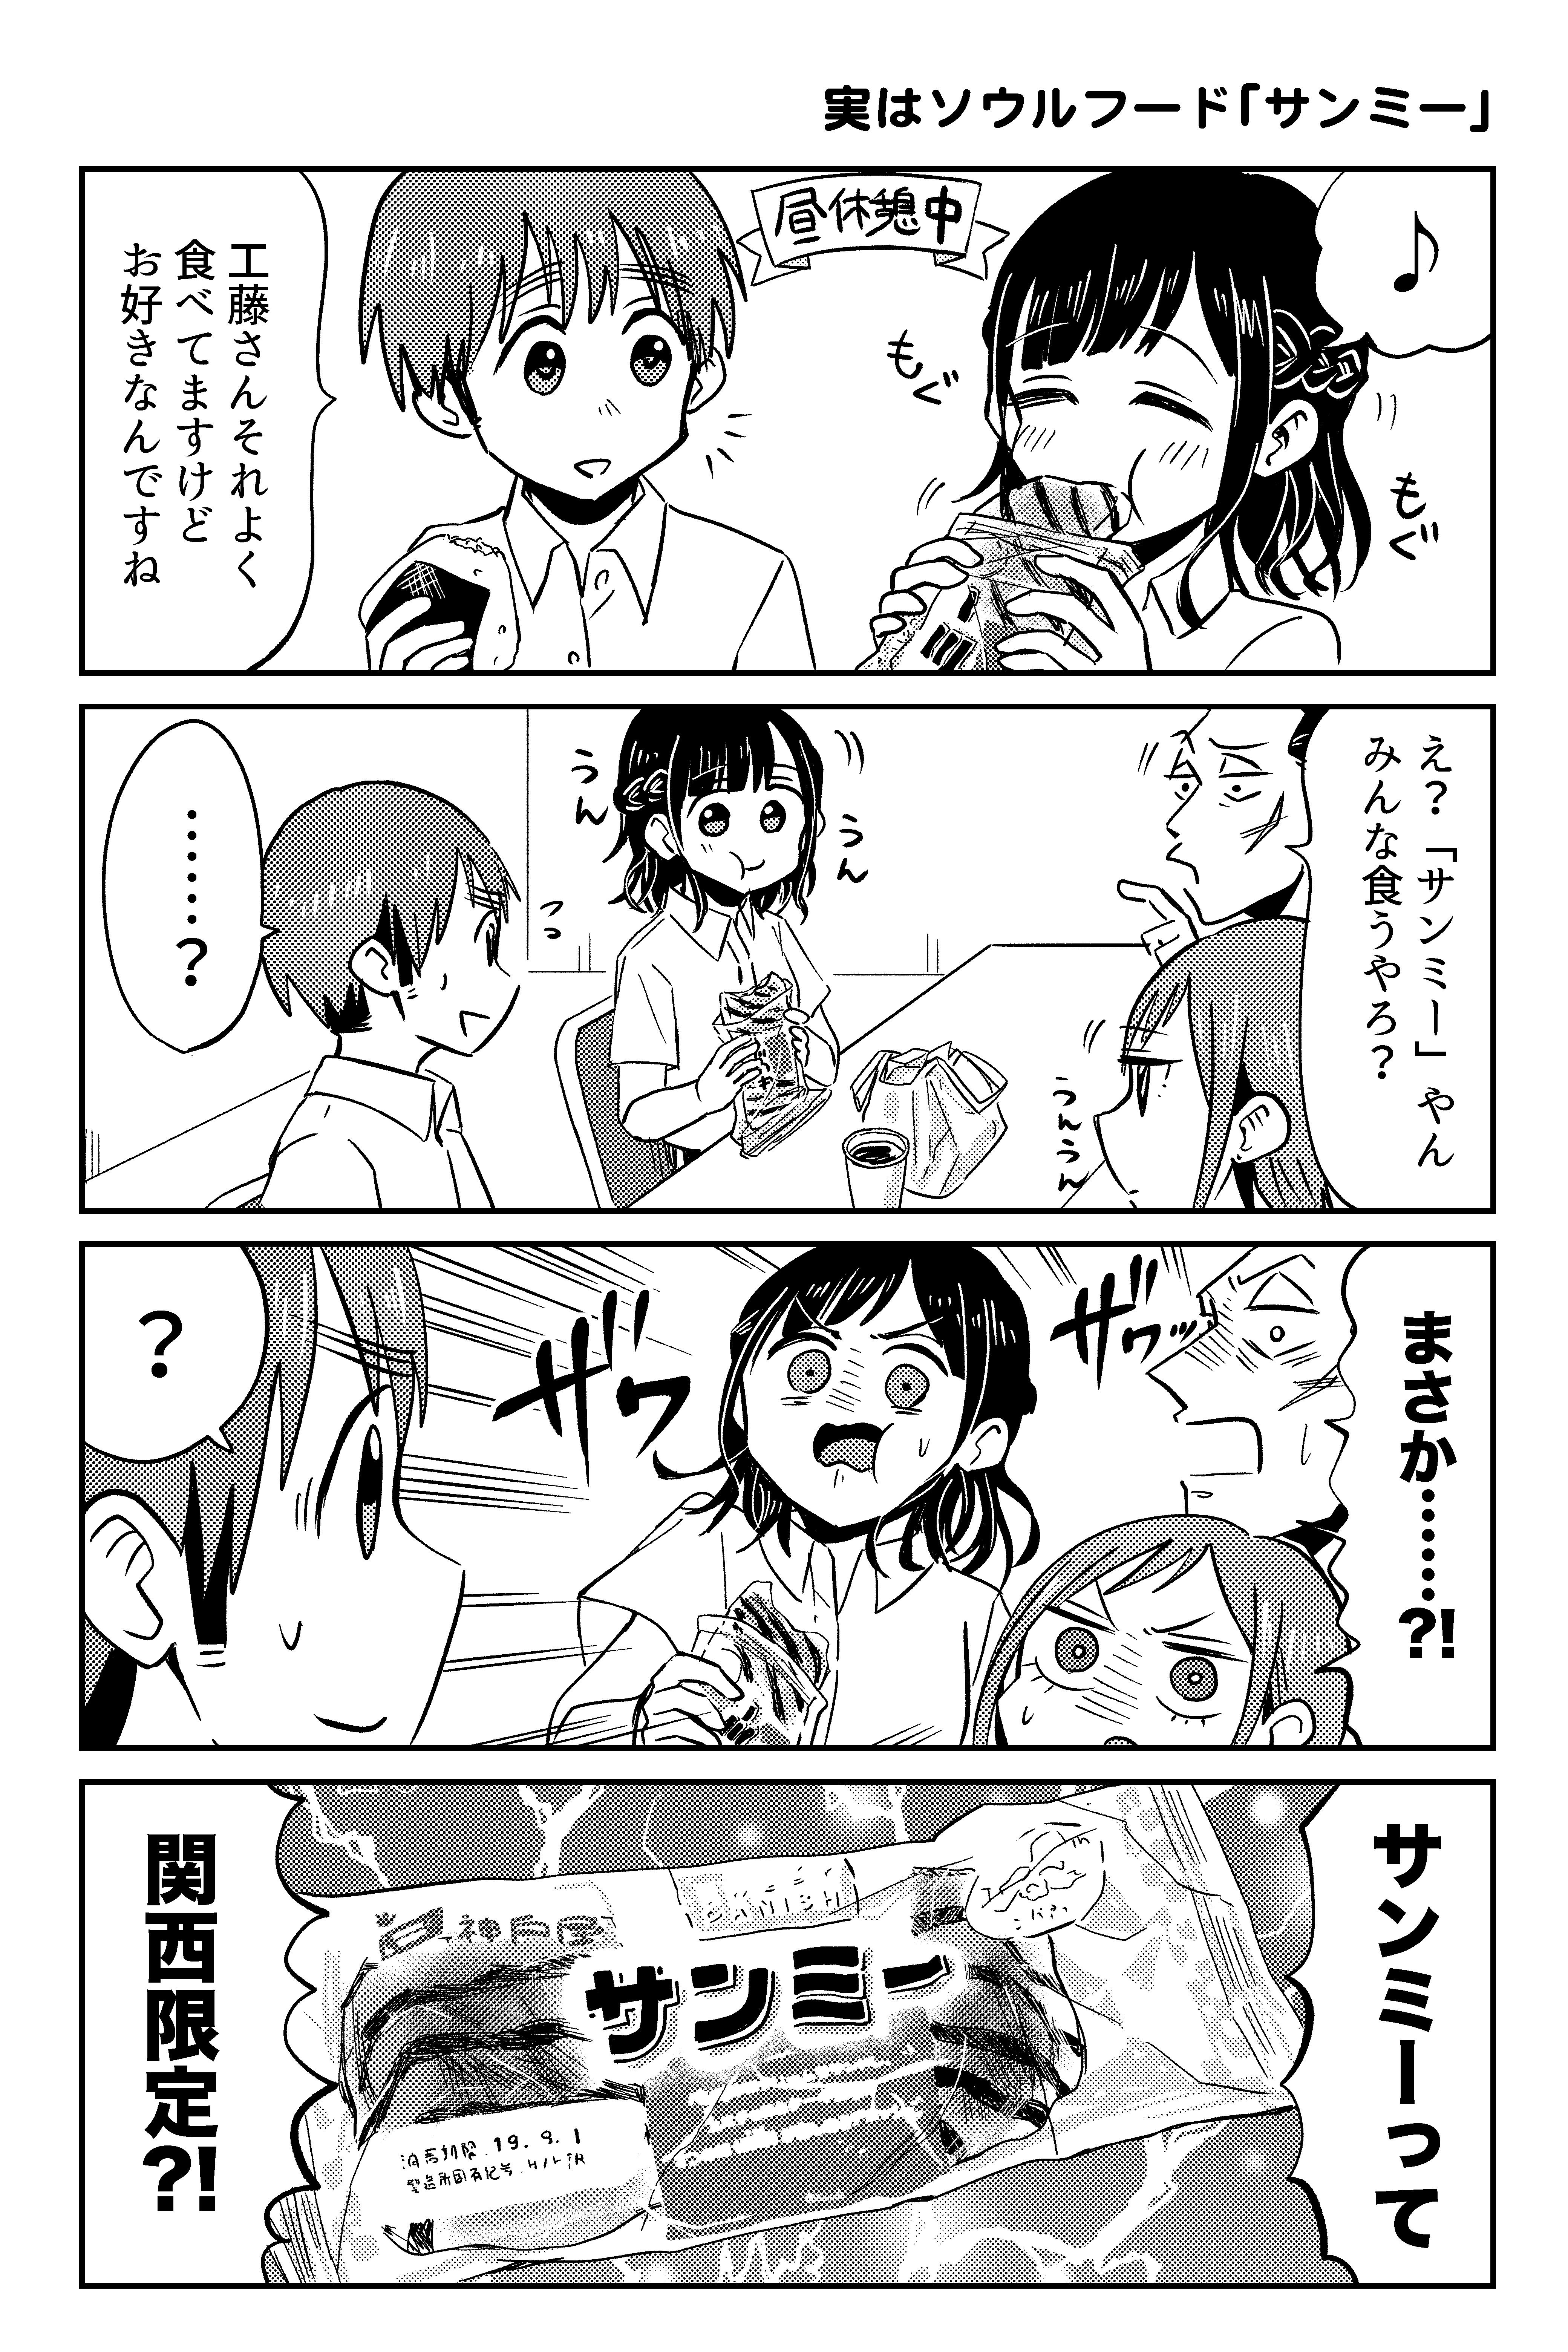 大阪ちゅーとリアル(大阪ソウルフード『サンミー』)